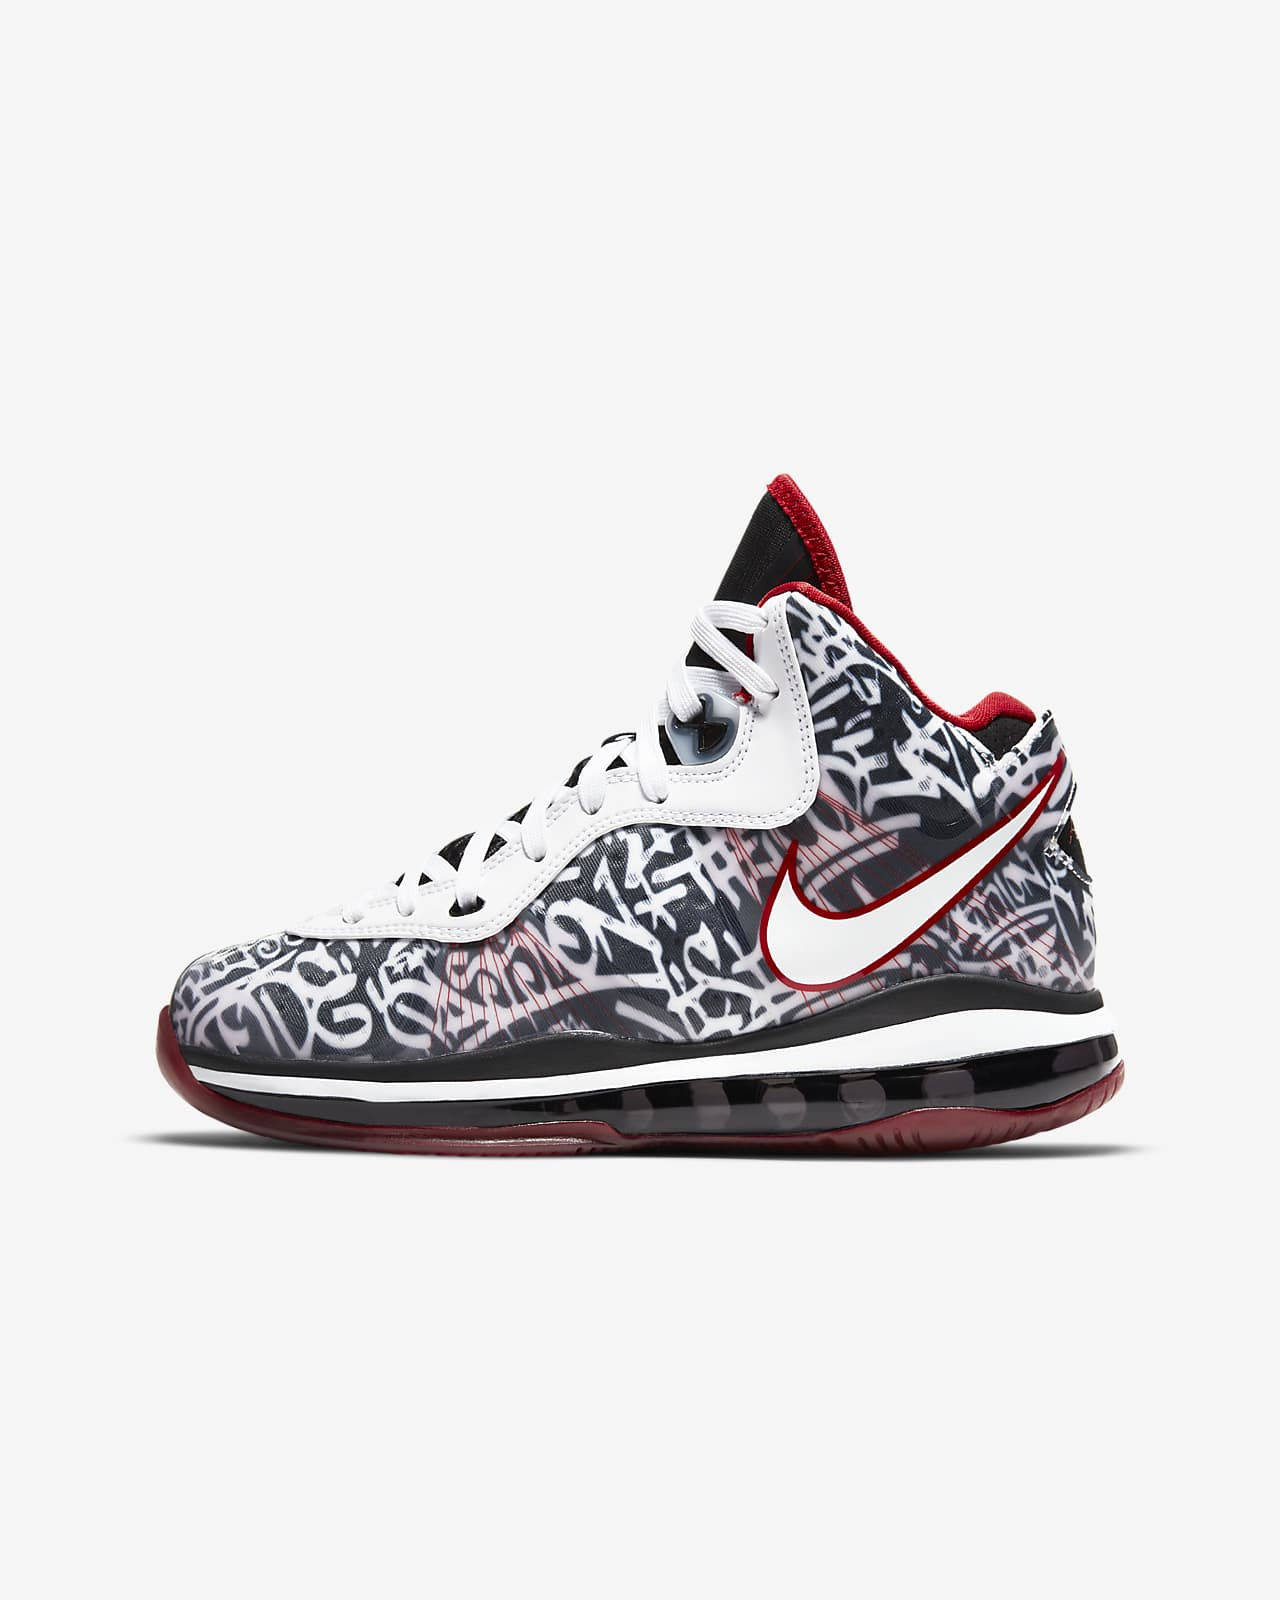 Nike LeBron 8 Genç Çocuk Ayakkabısı